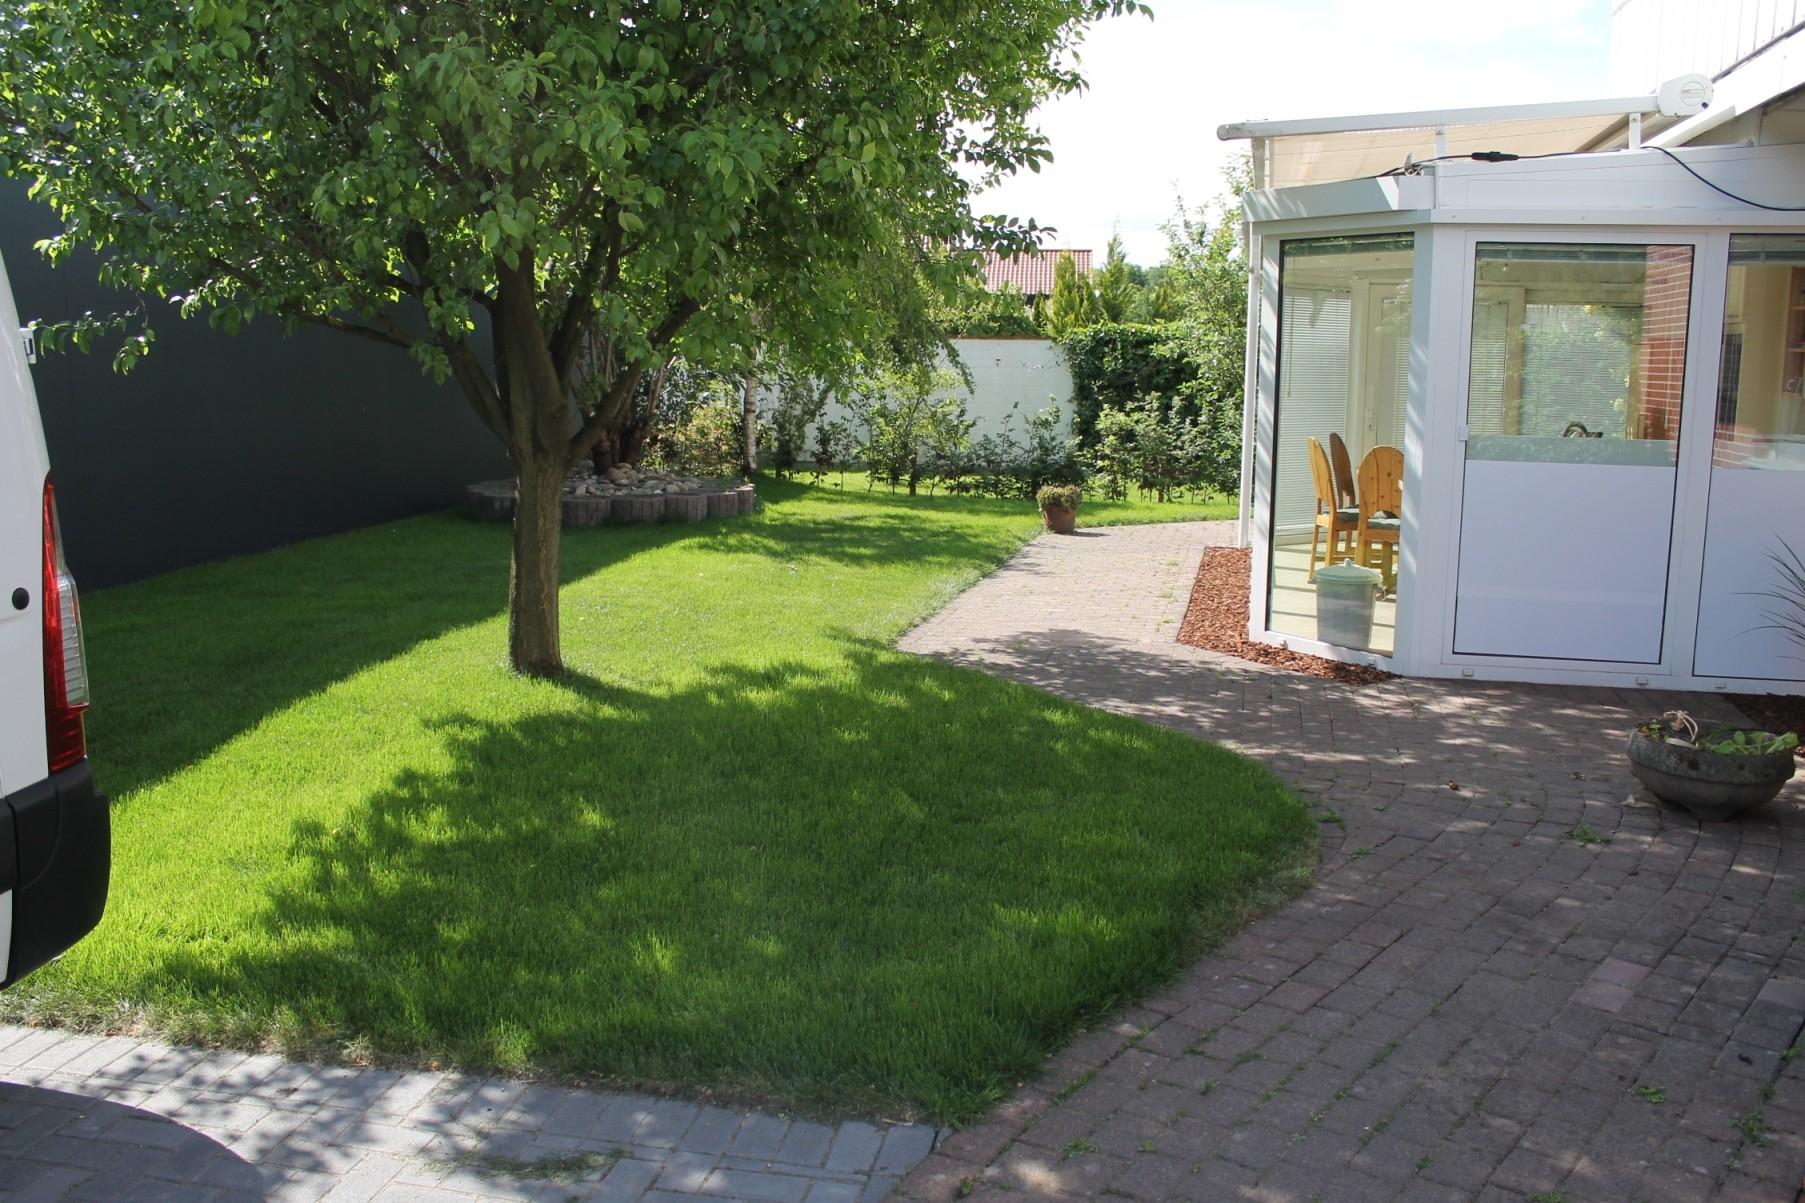 Garten mit Grill   Rauchmöglichkeit unterm Abdach